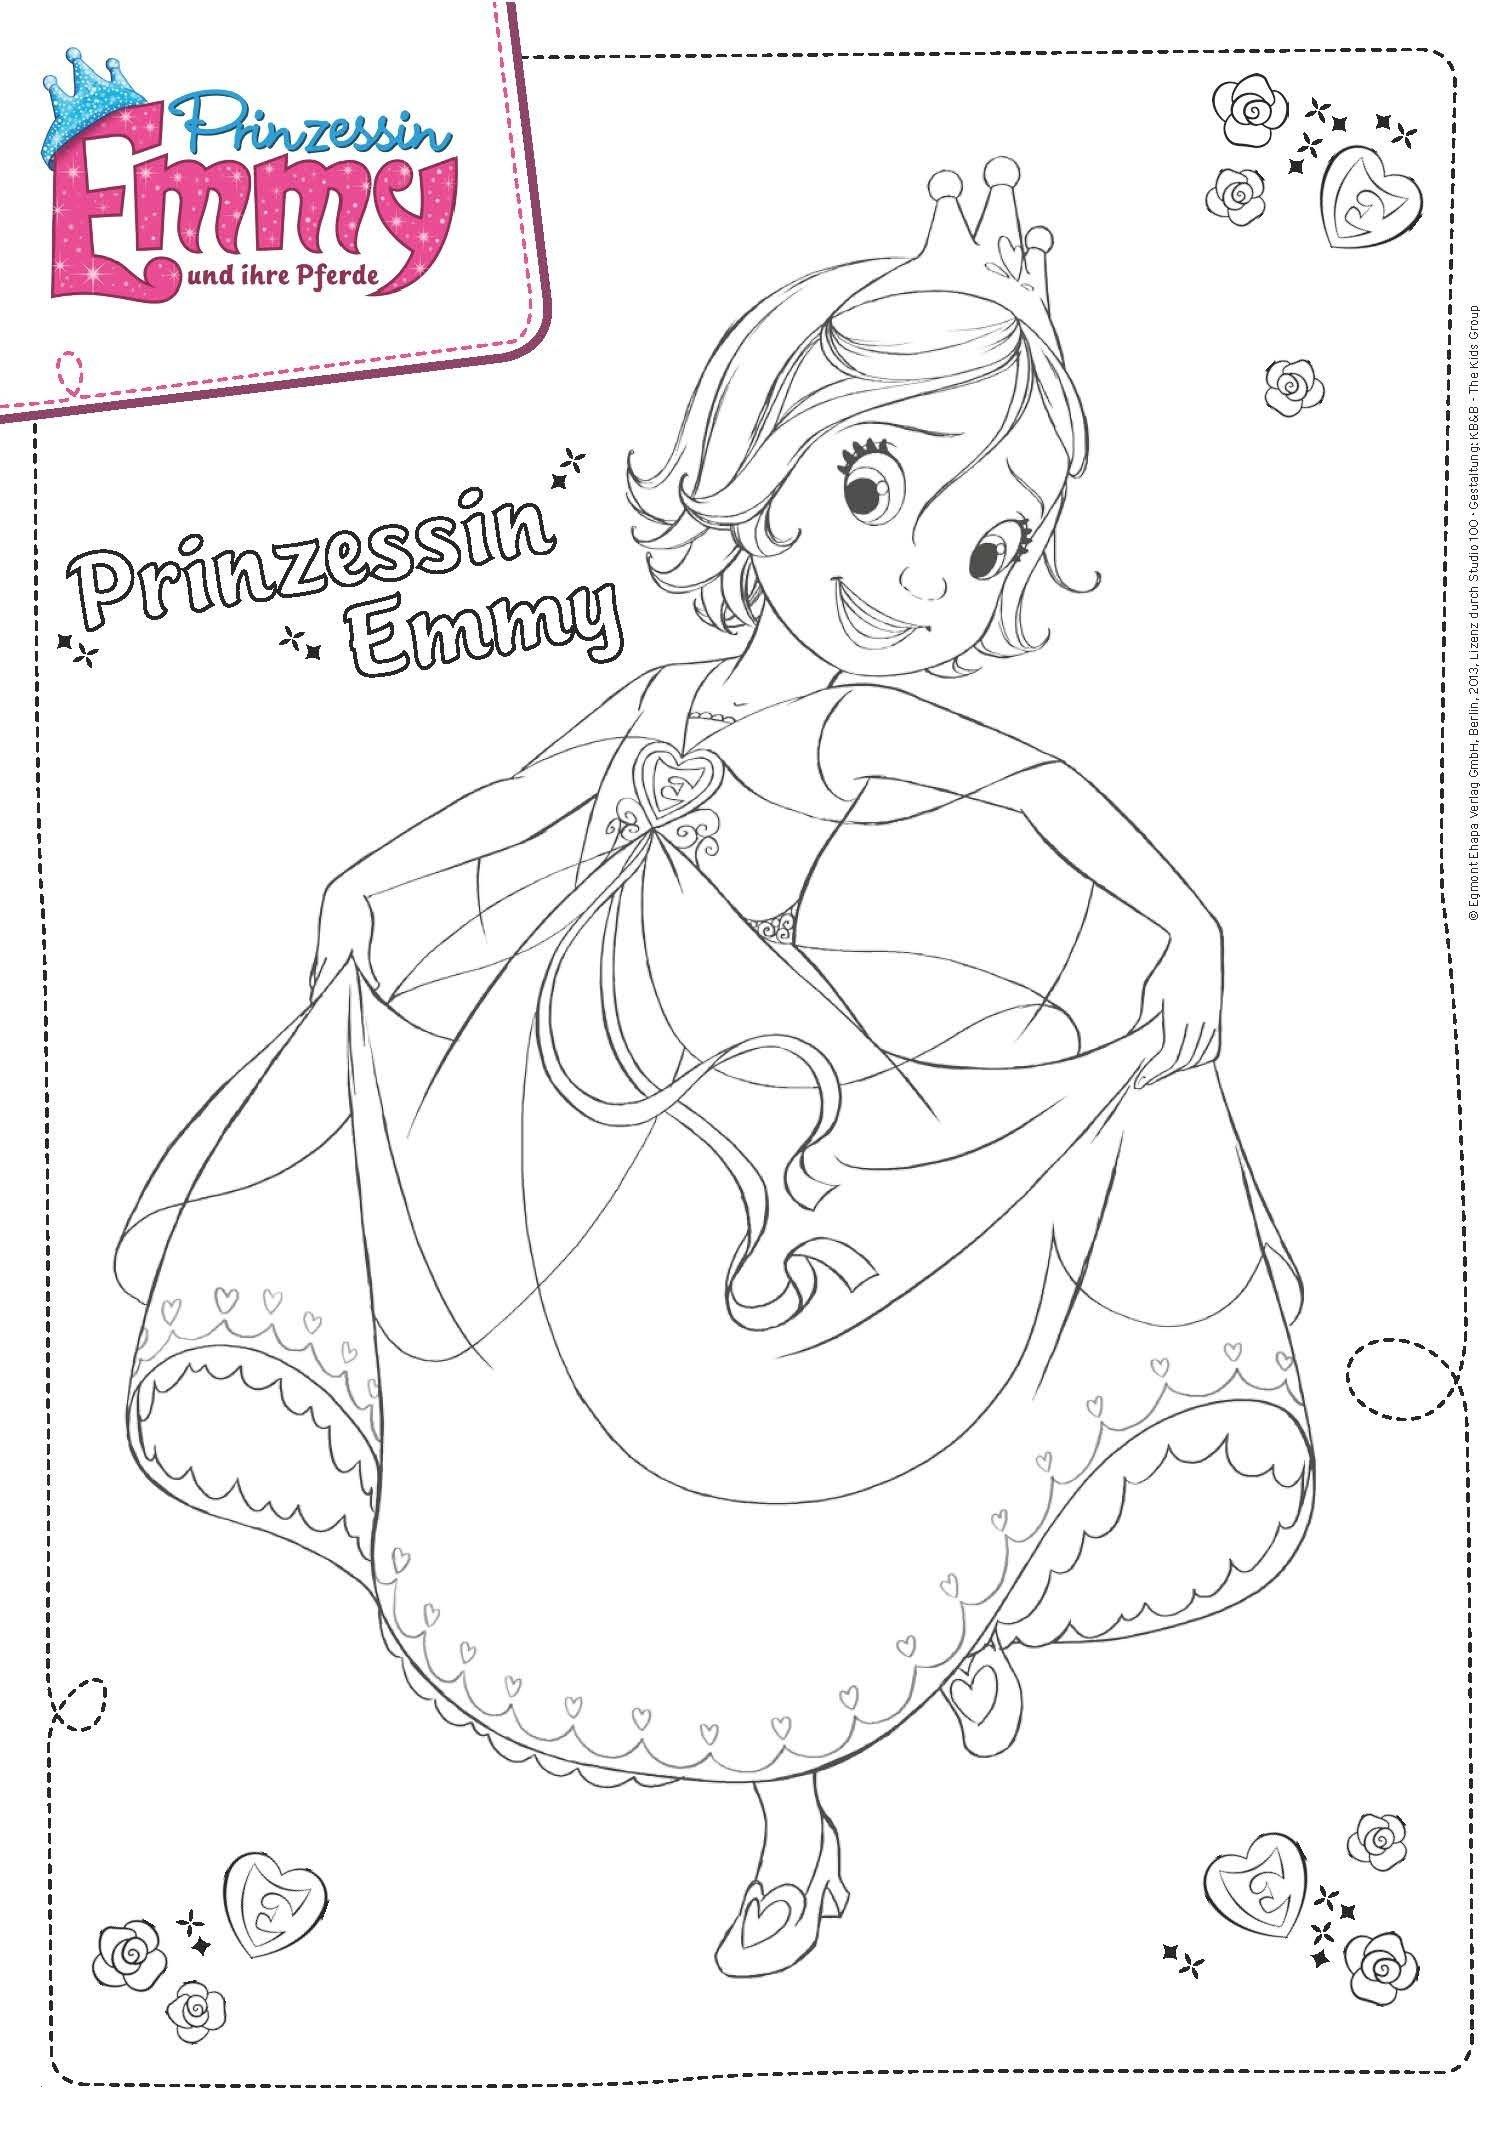 Arlo Und Spot Ausmalbilder Neu 35 Prinzessin Emmy Ausmalbilder Scoredatscore Neu Ausmalbilder Arlo Sammlung